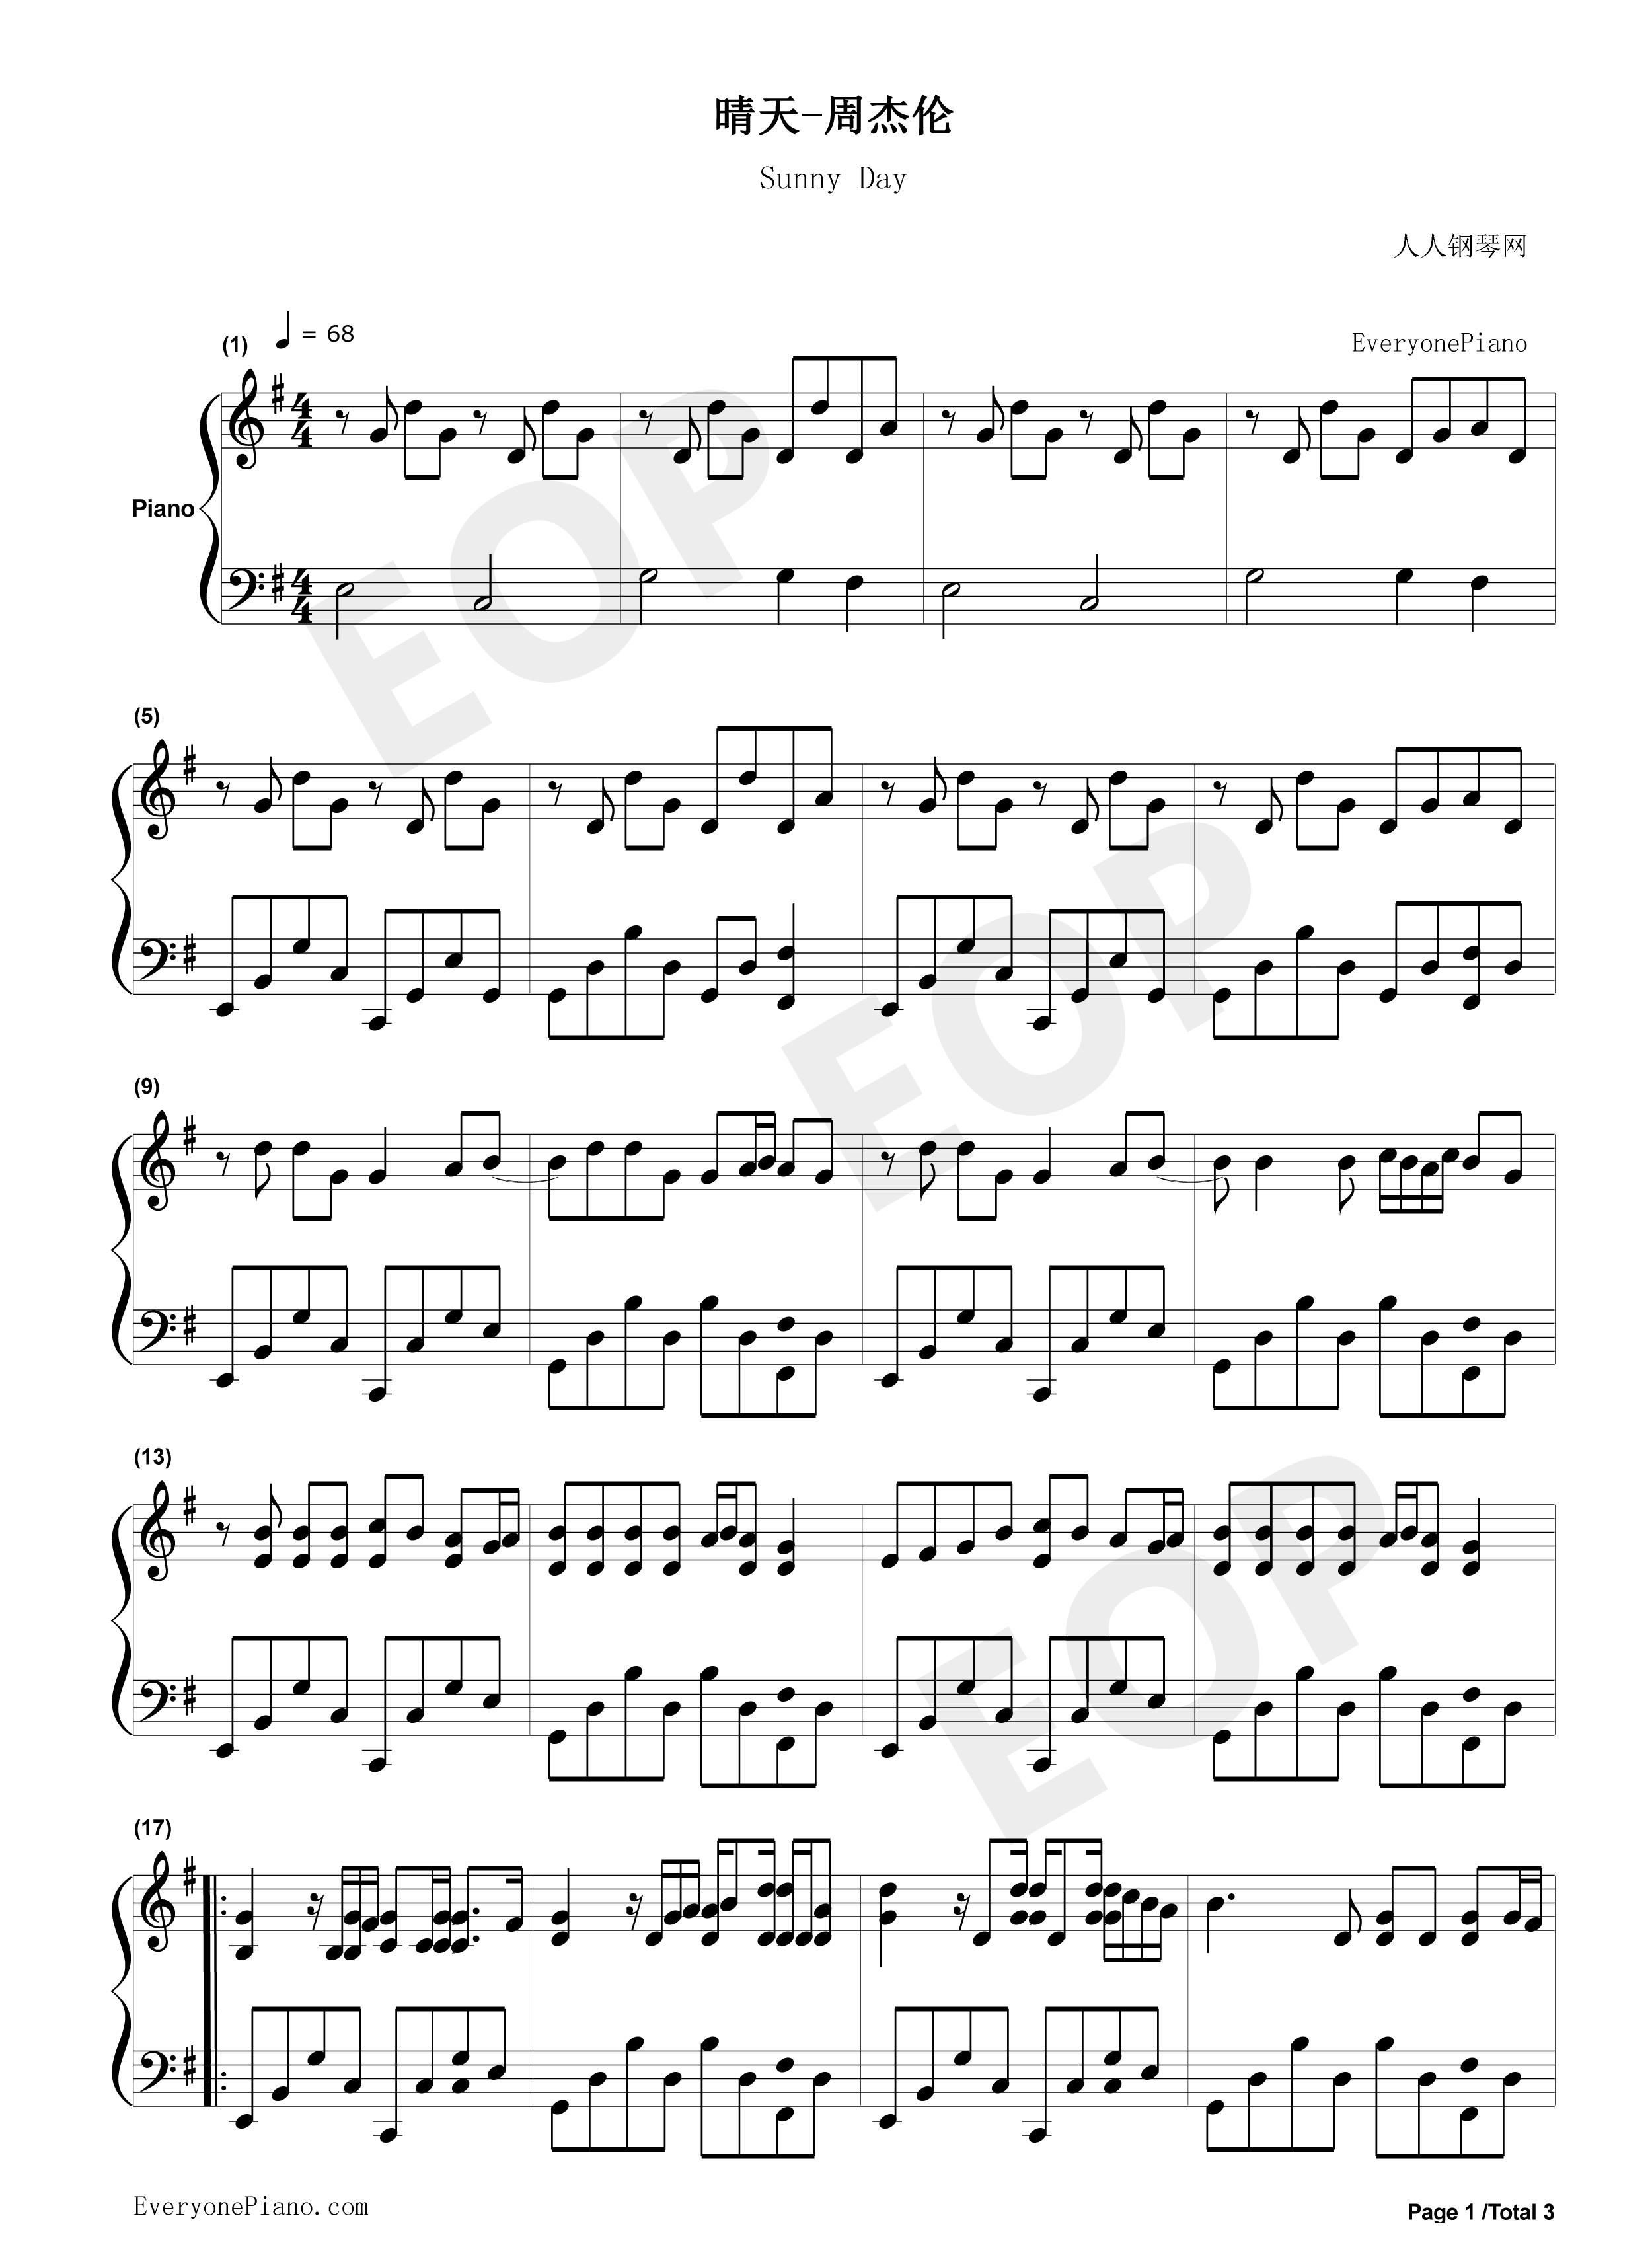 钢琴曲谱 流行 晴天 晴天五线谱预览1  }  仅供学习交流使用!